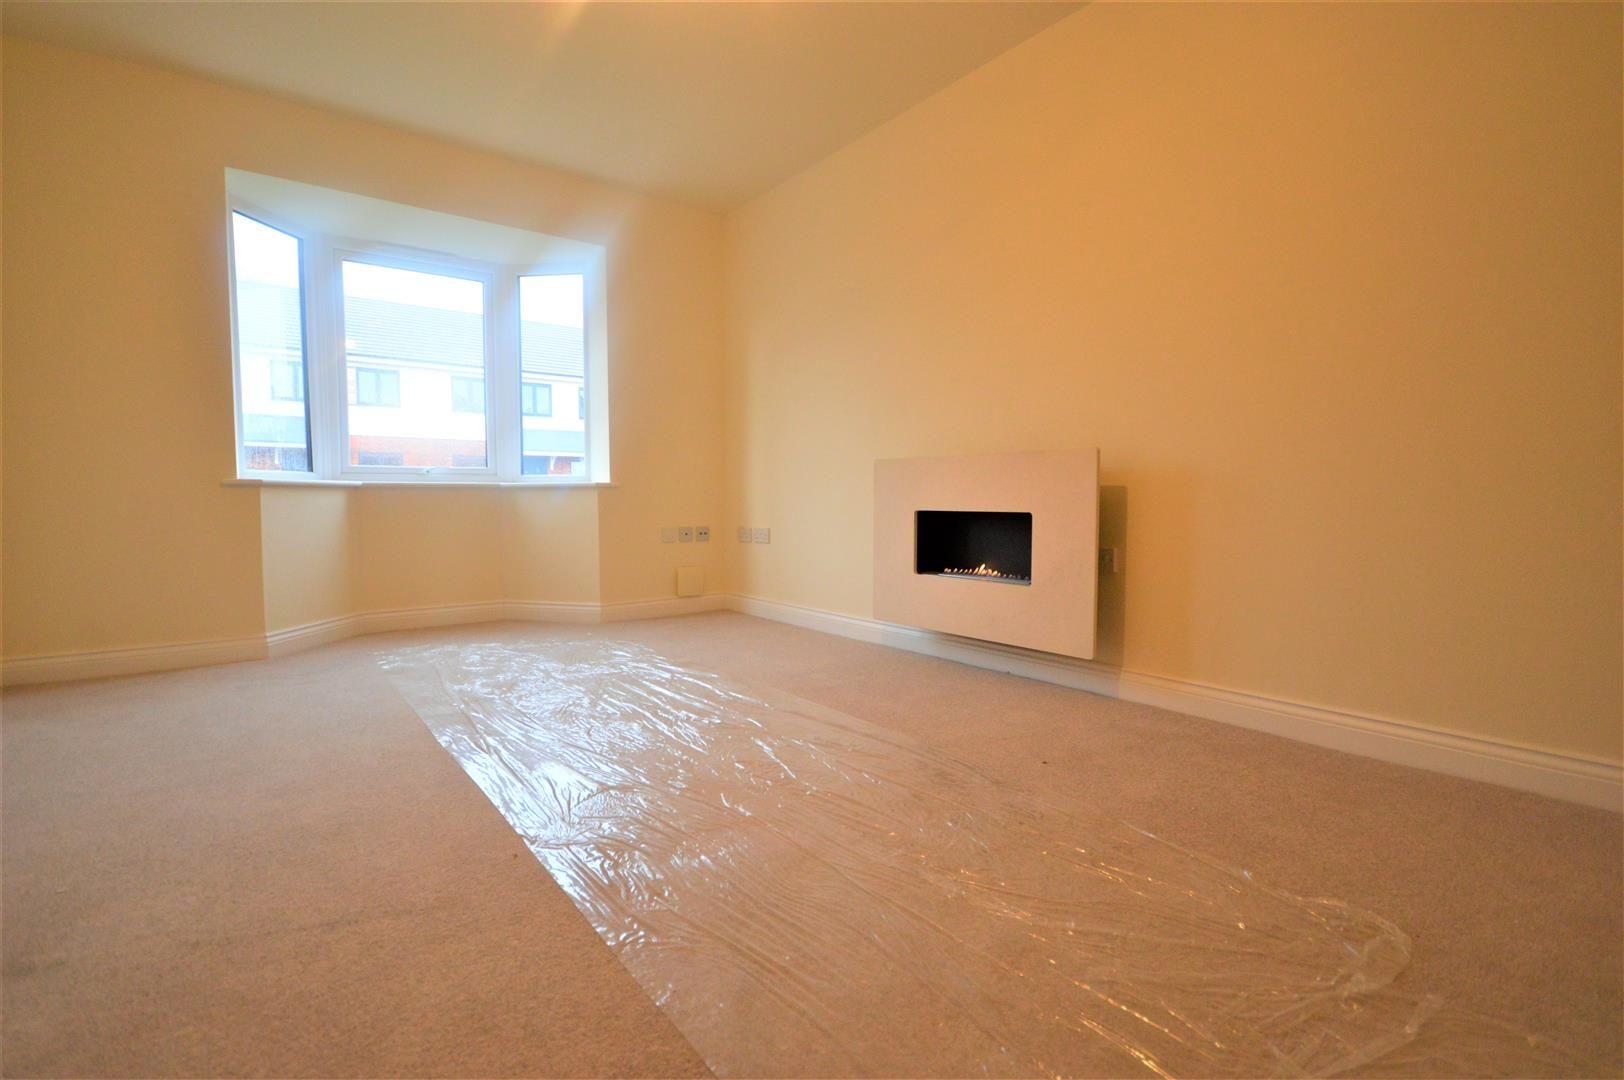 4 bed detached for sale in Kingsland  - Property Image 6